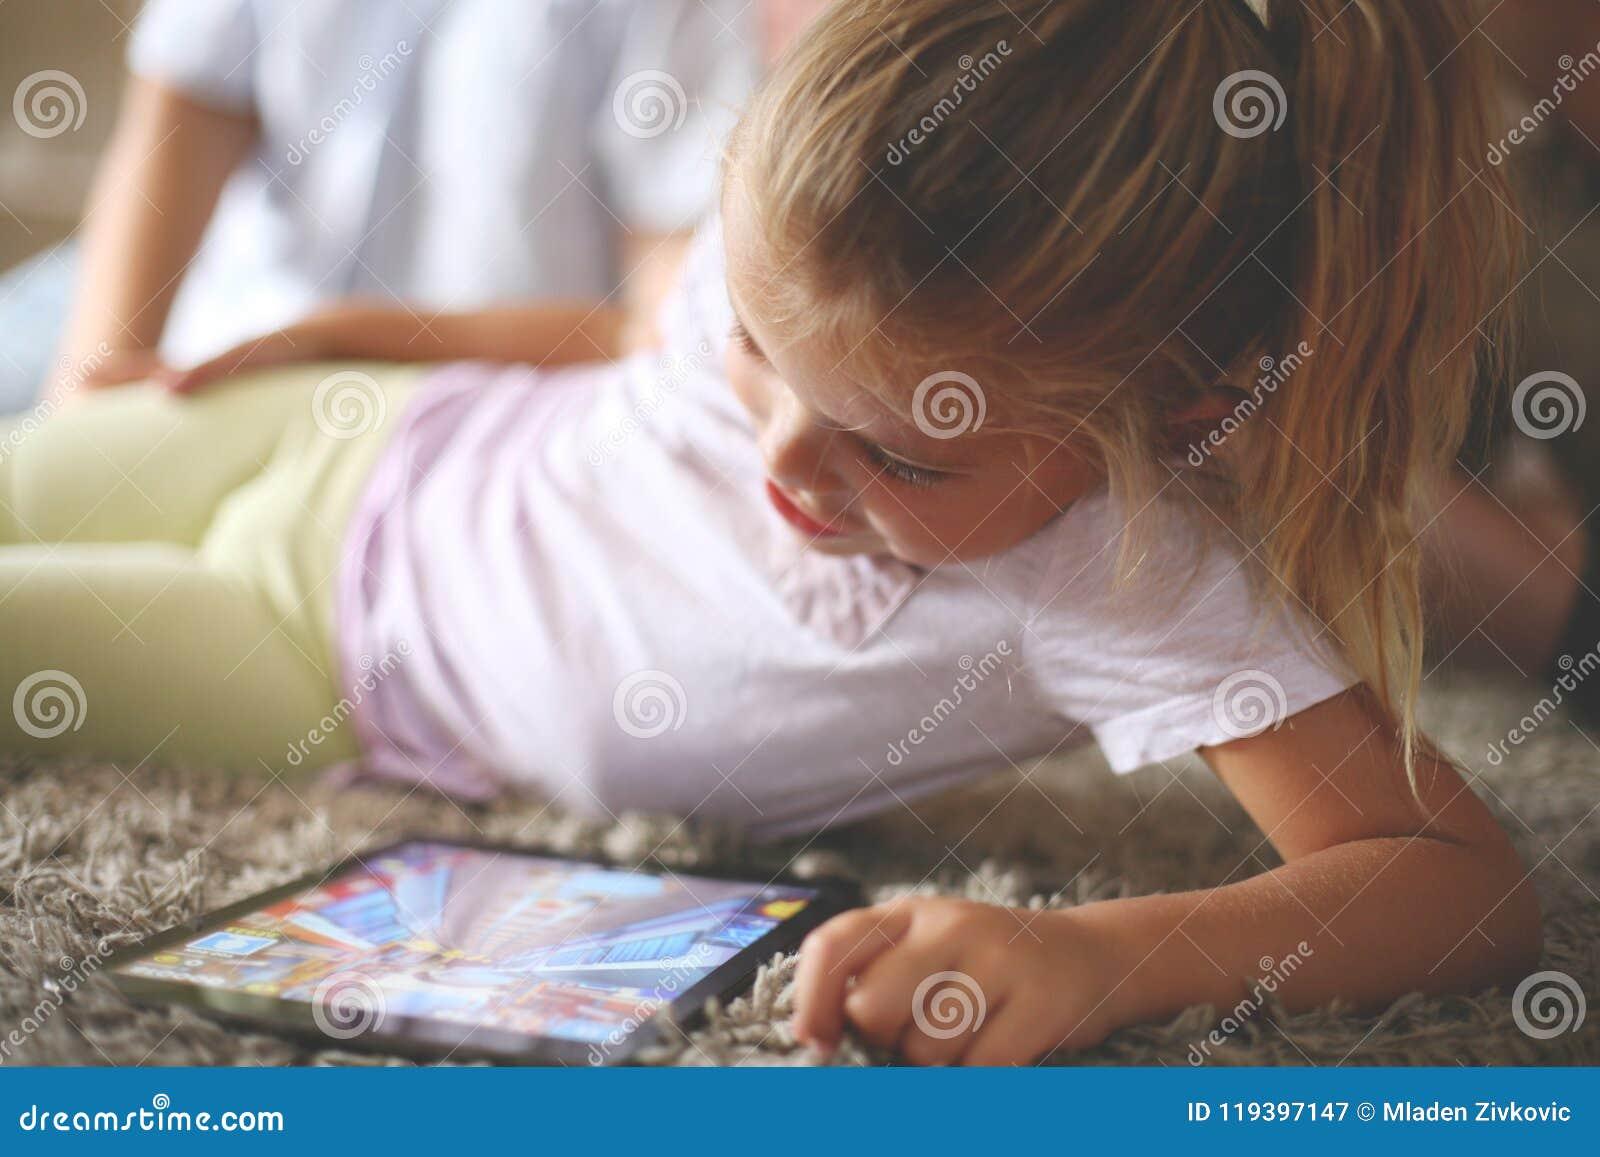 Little girl using digital tablet.